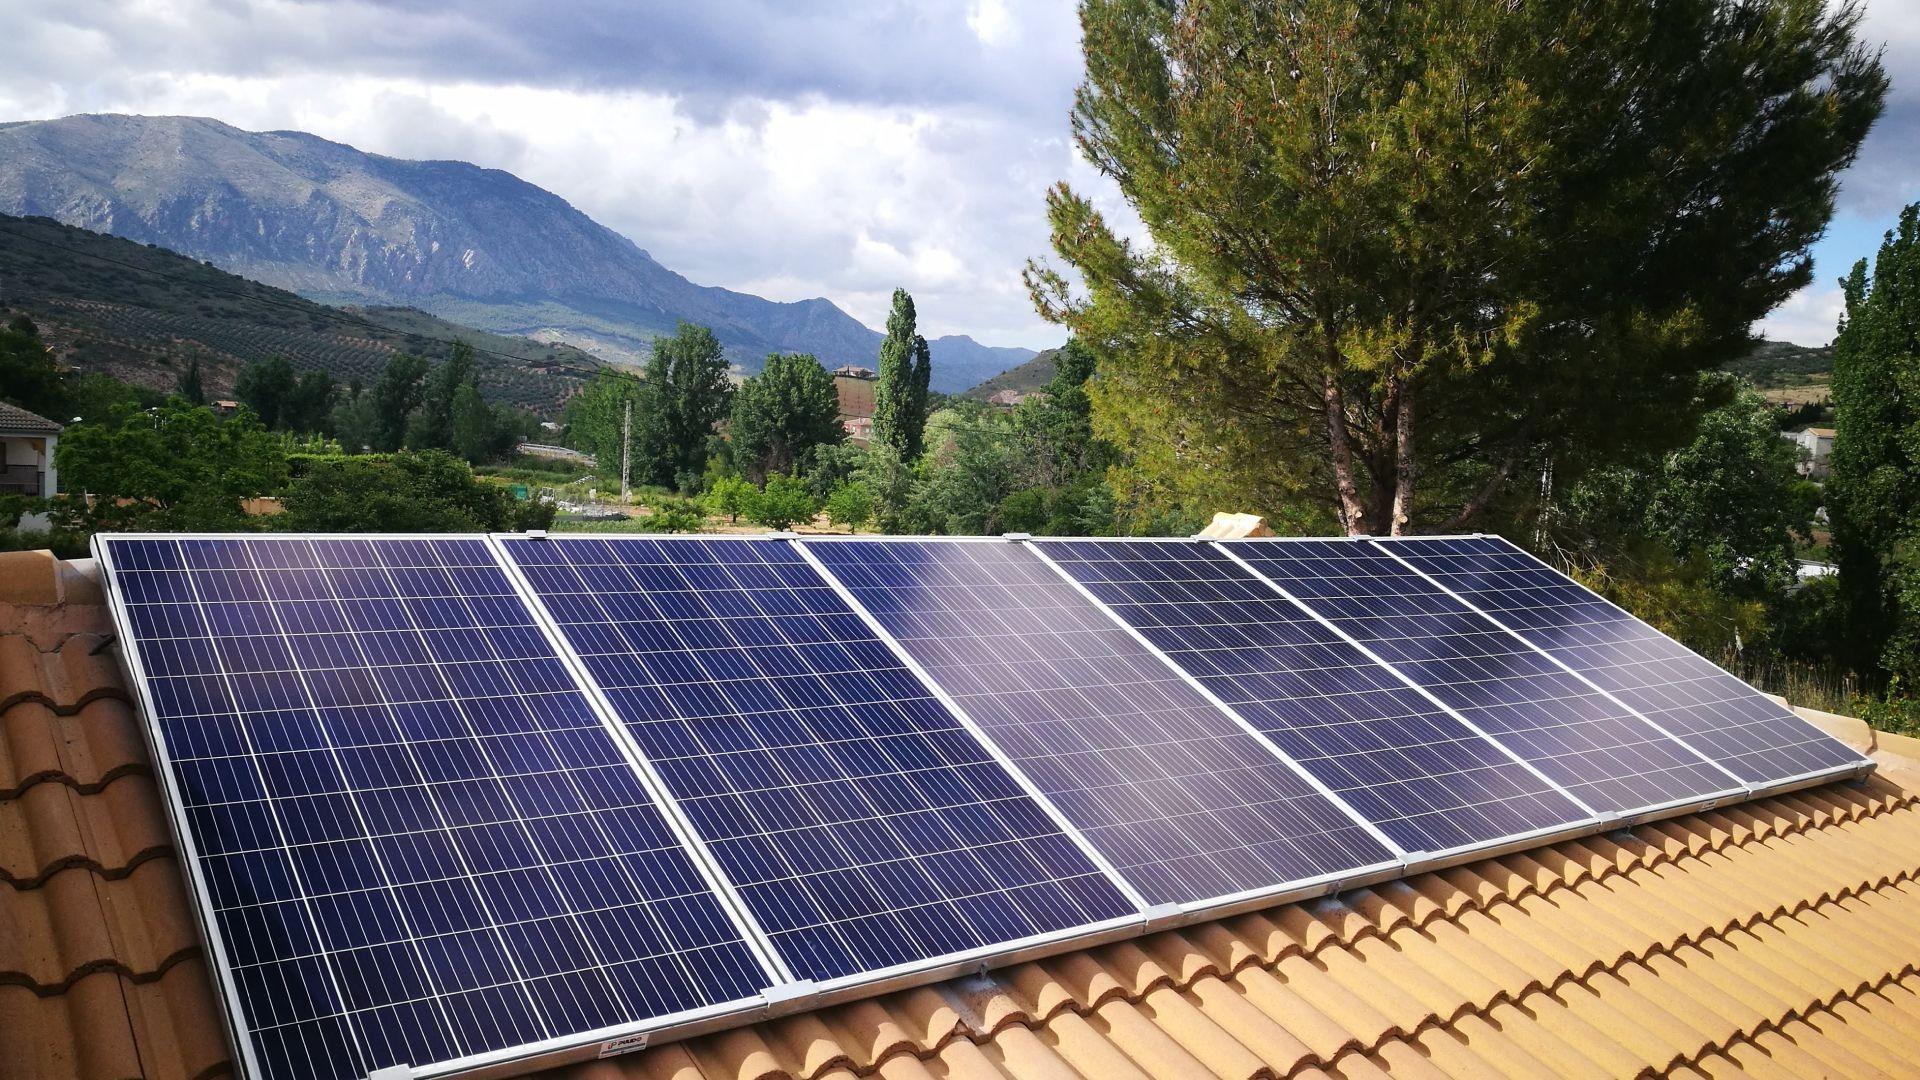 Instalación de placas solares para autoconsumo en Jaén